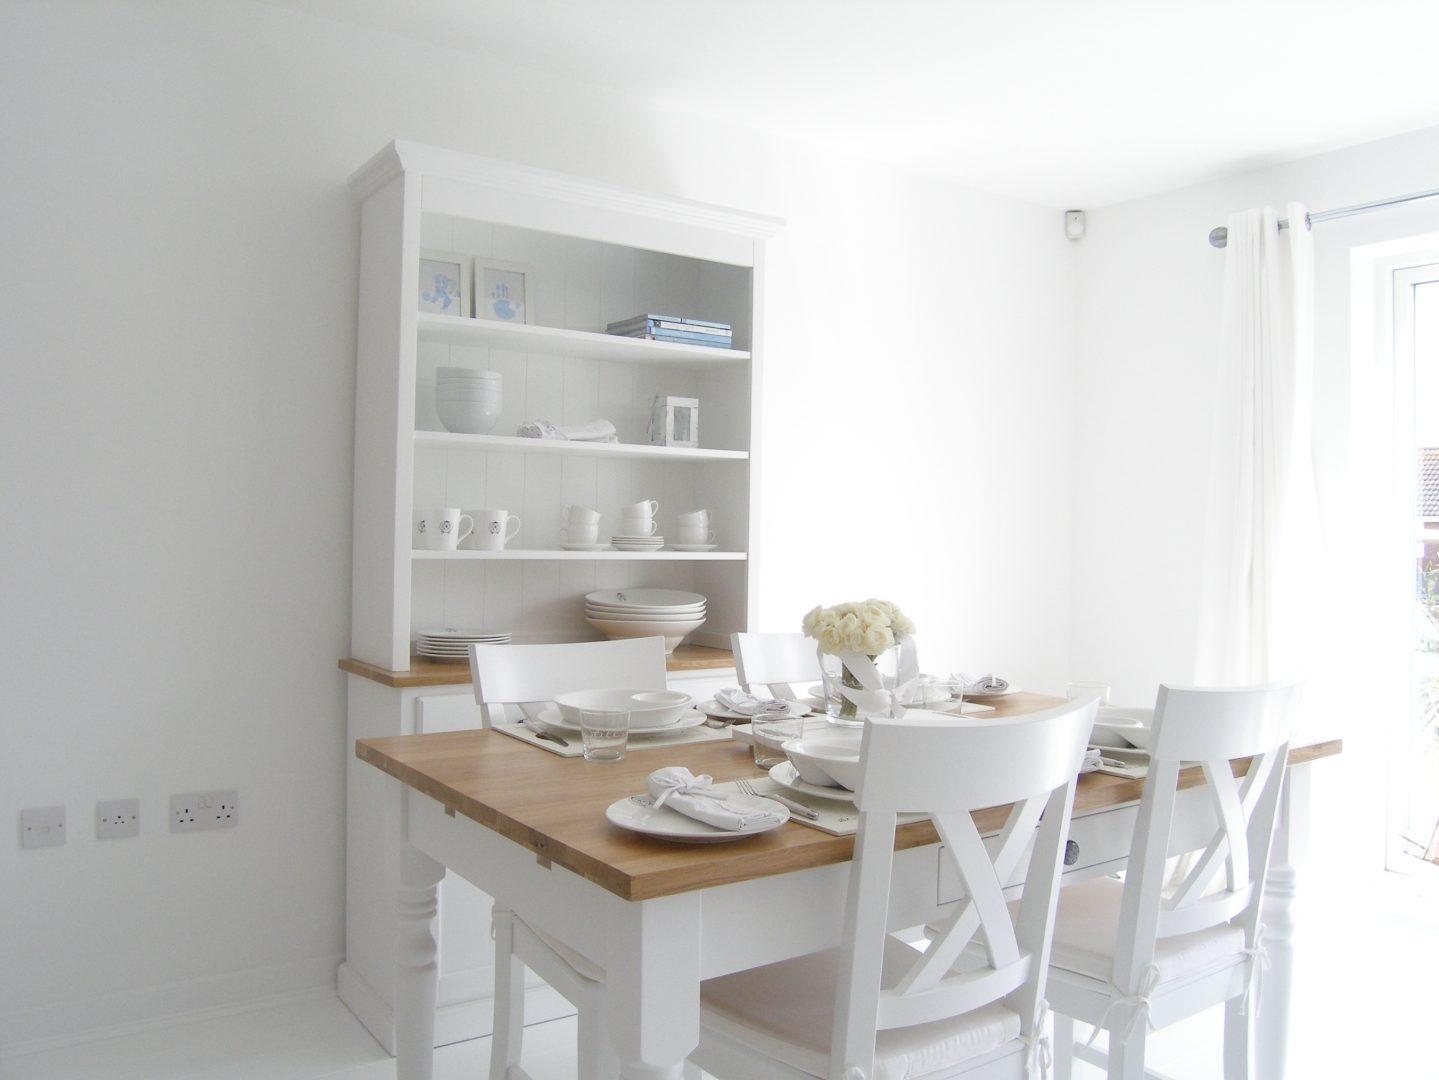 Mesa de cocina de madera blanca im genes y fotos - Mesas de cocina de madera extensibles ...